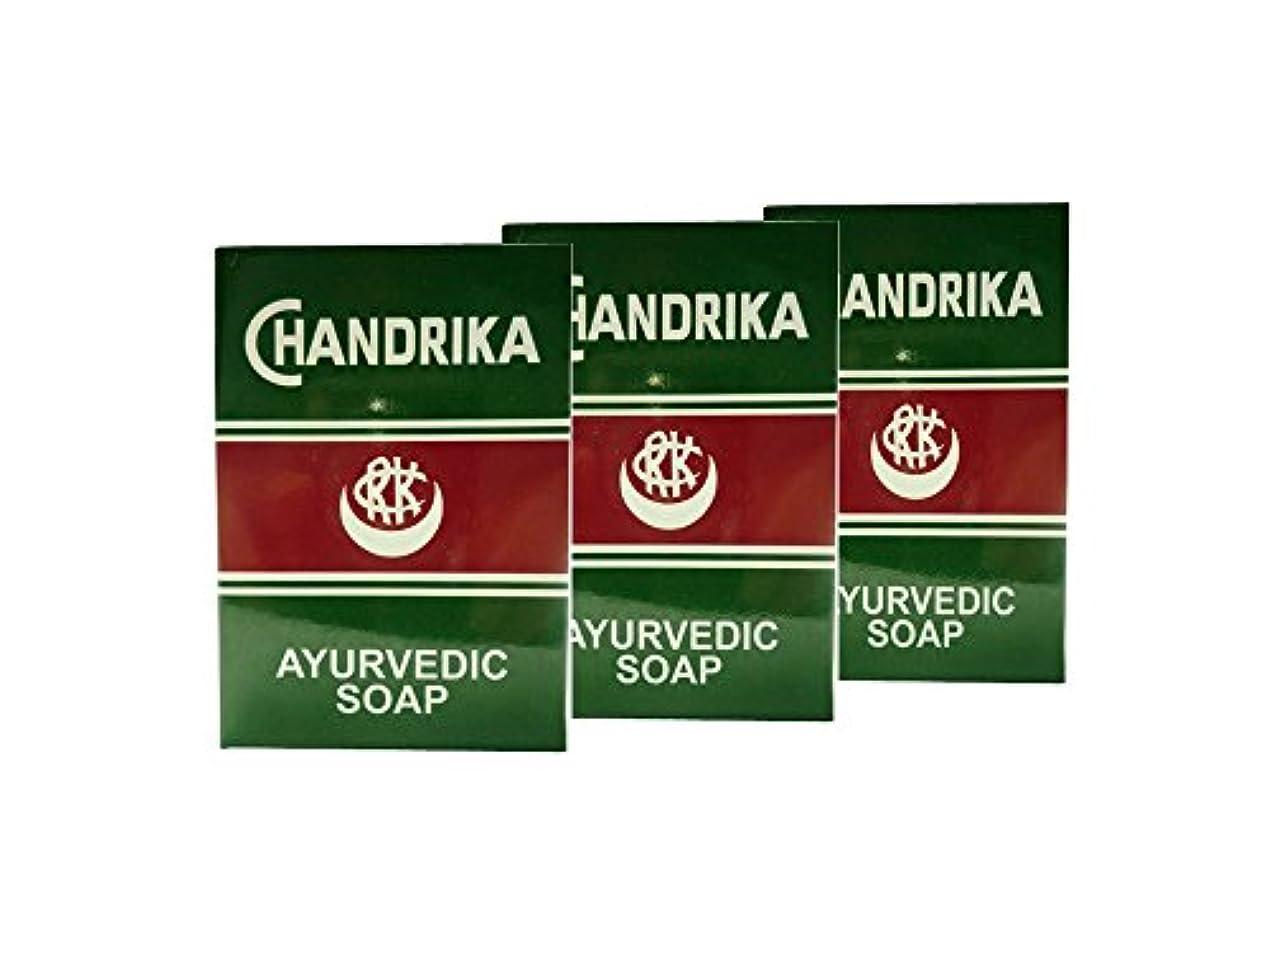 ステレオ含むモックチャンデリカハーバルソープ 3個セット